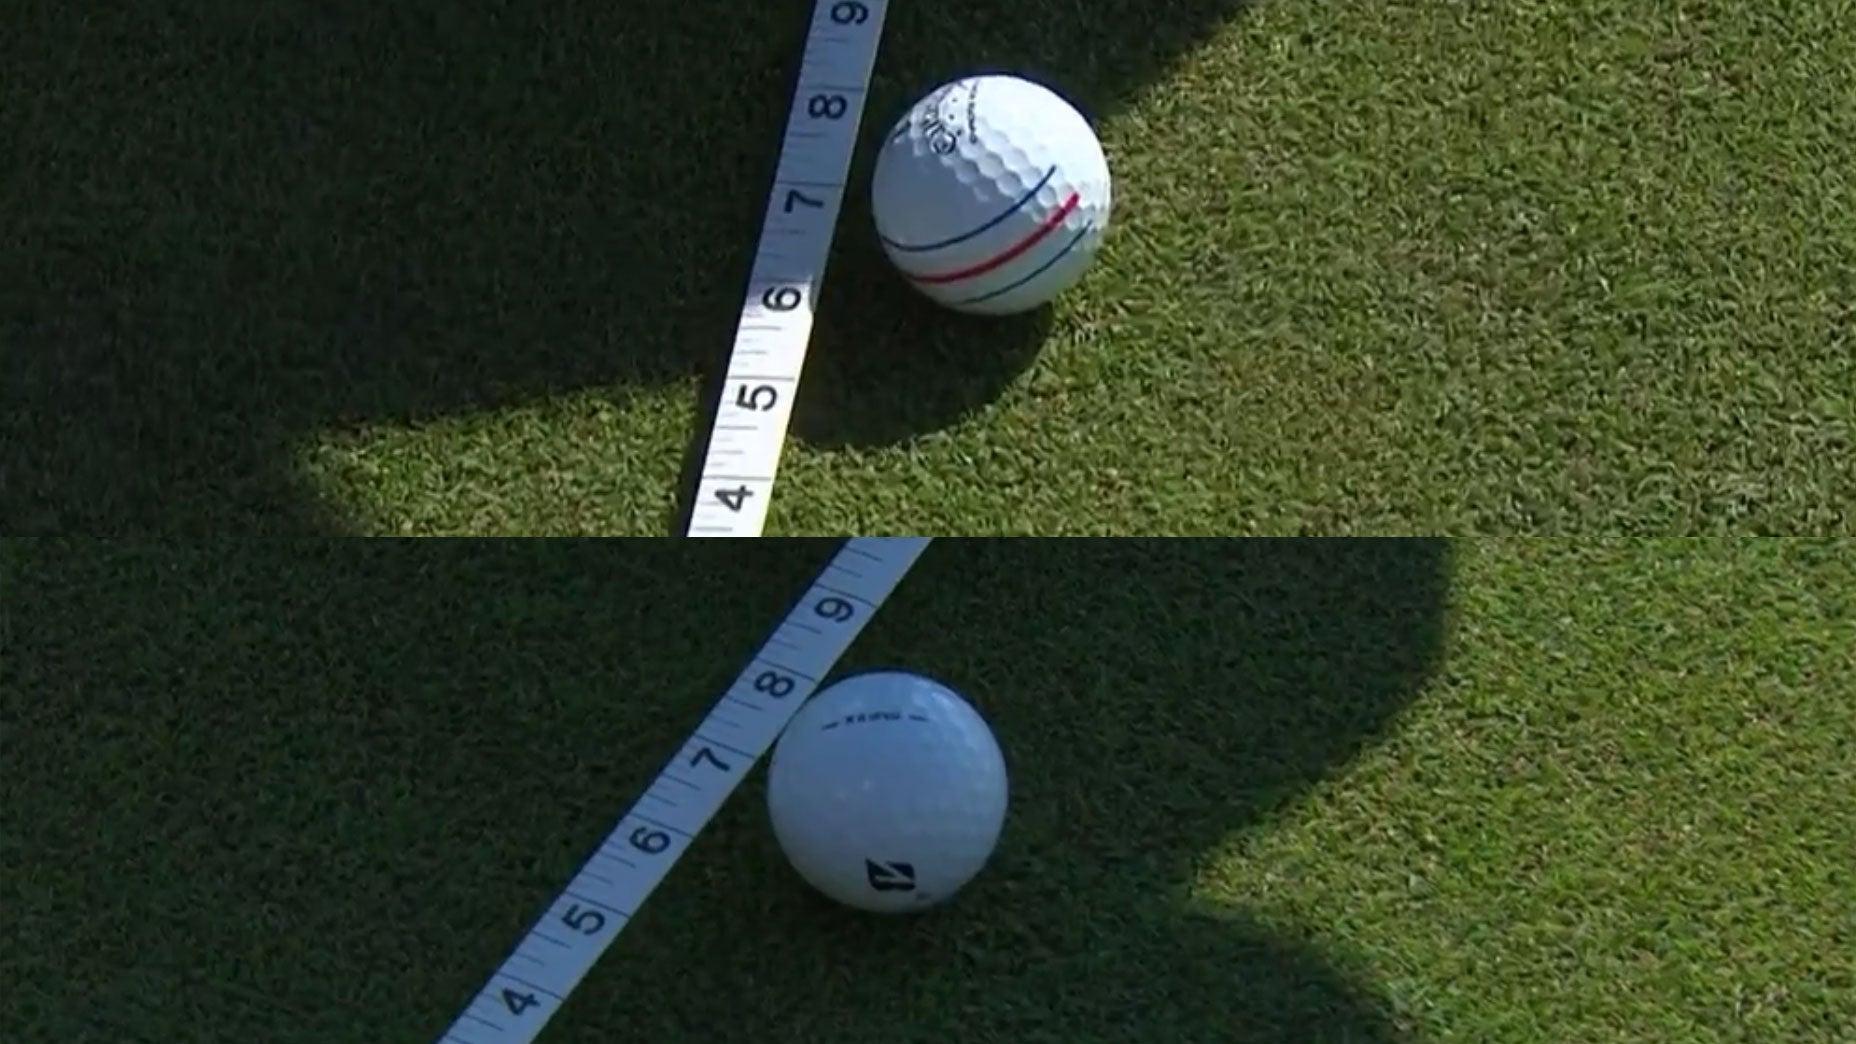 Penyelenggara menggunakan pita pengukur untuk menentukan hasil dalam kompetisi tee di dekat gawang pada 6 Juli.  Foto: Golf.com